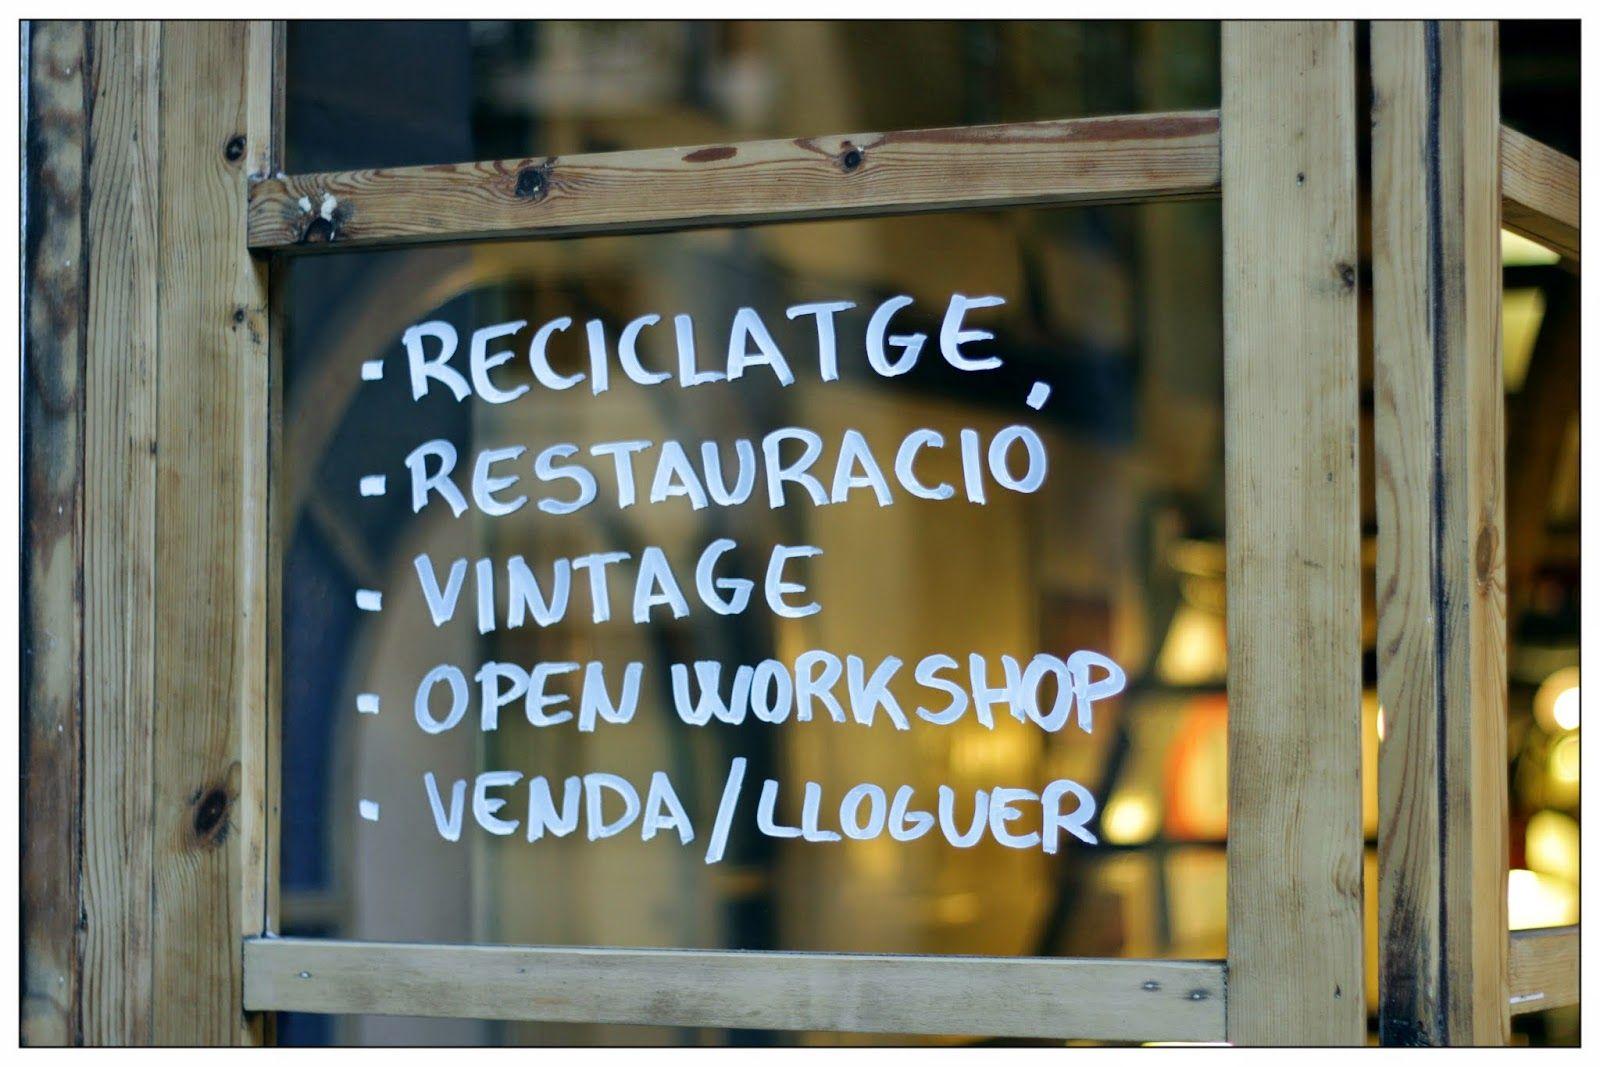 En Valnot podrás encontrar objetos retro, decoración vintage y con personalidad, reciclaje, un taller de restauración e incluso un open workshop para que puedas restaurar tu mismo tus muebles.